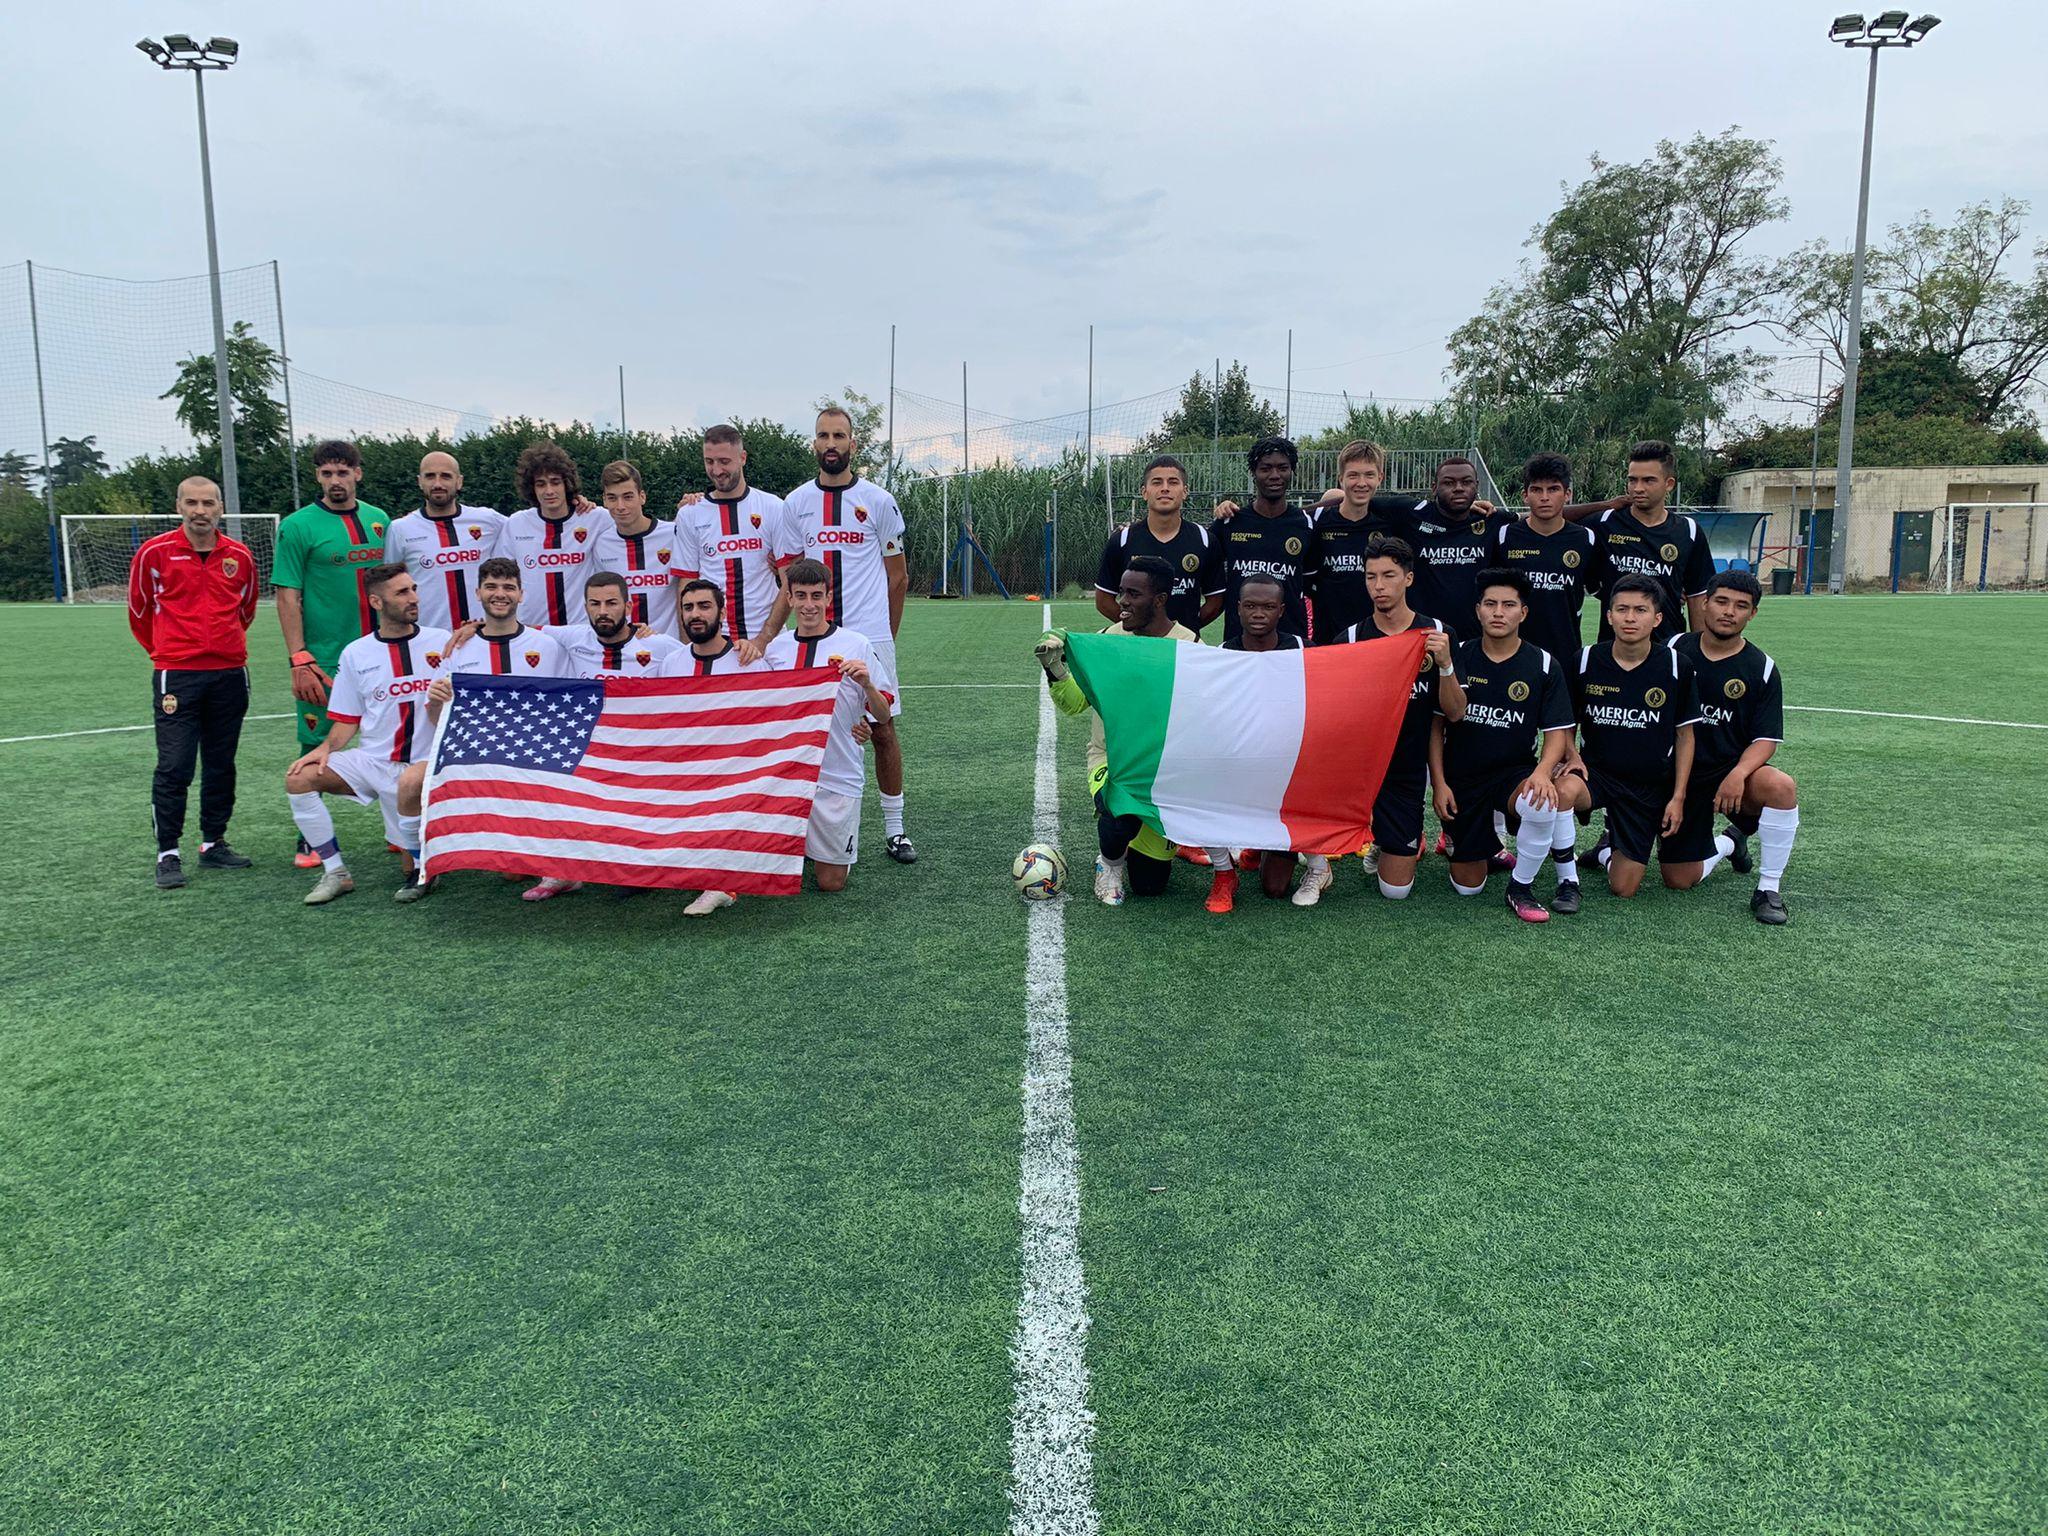 Velletri, Calcio : vittoria per la Vjs contro gli americani del Soccer Scouting Pross nell'amichevole internazionale